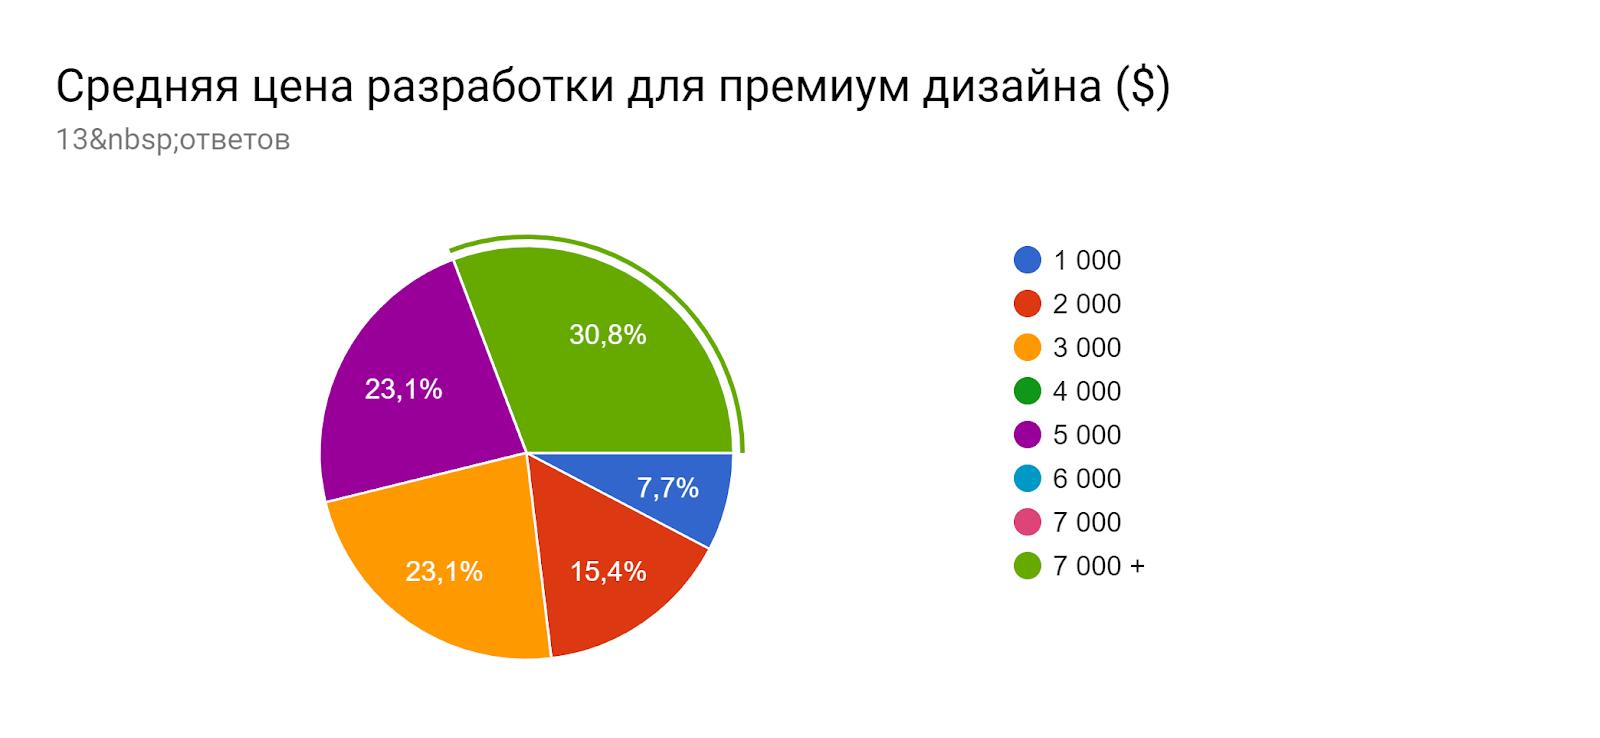 Диаграмма ответов в Формах. Вопрос: Средняя цена разработки для премиум дизайна ($). Количество ответов: 13ответов.